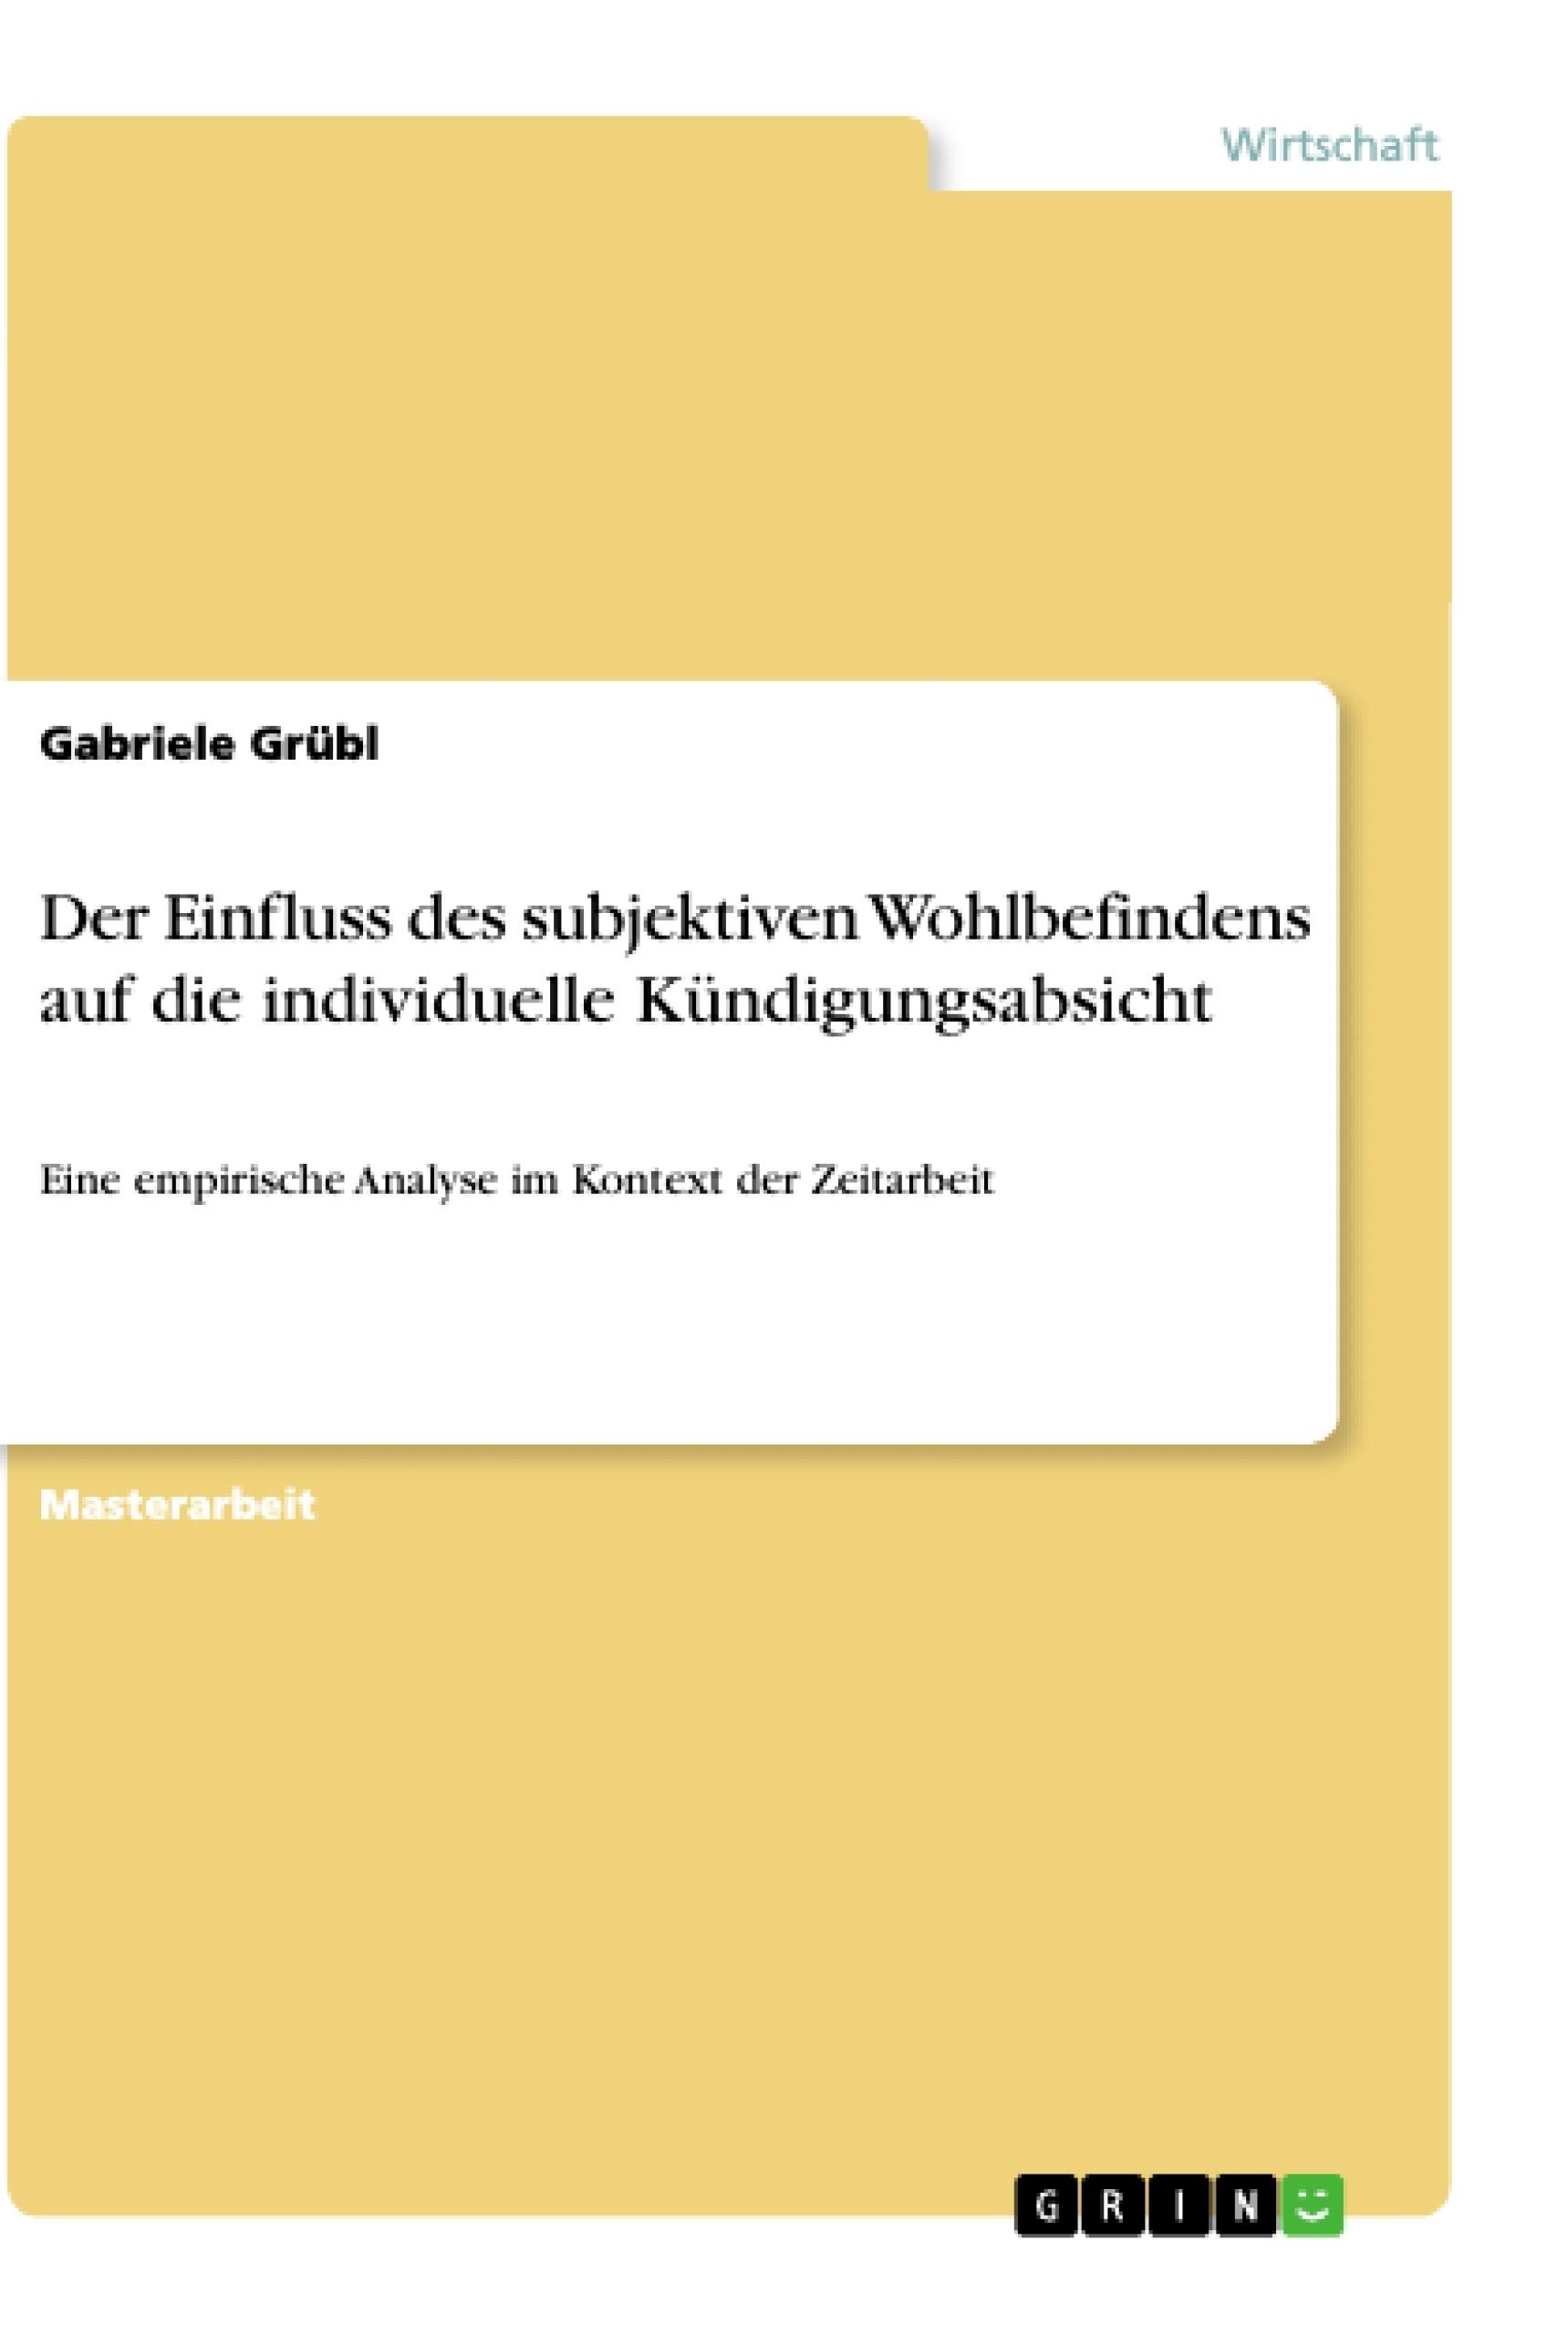 Titel: Der Einfluss des subjektiven Wohlbefindens auf die individuelle Kündigungsabsicht